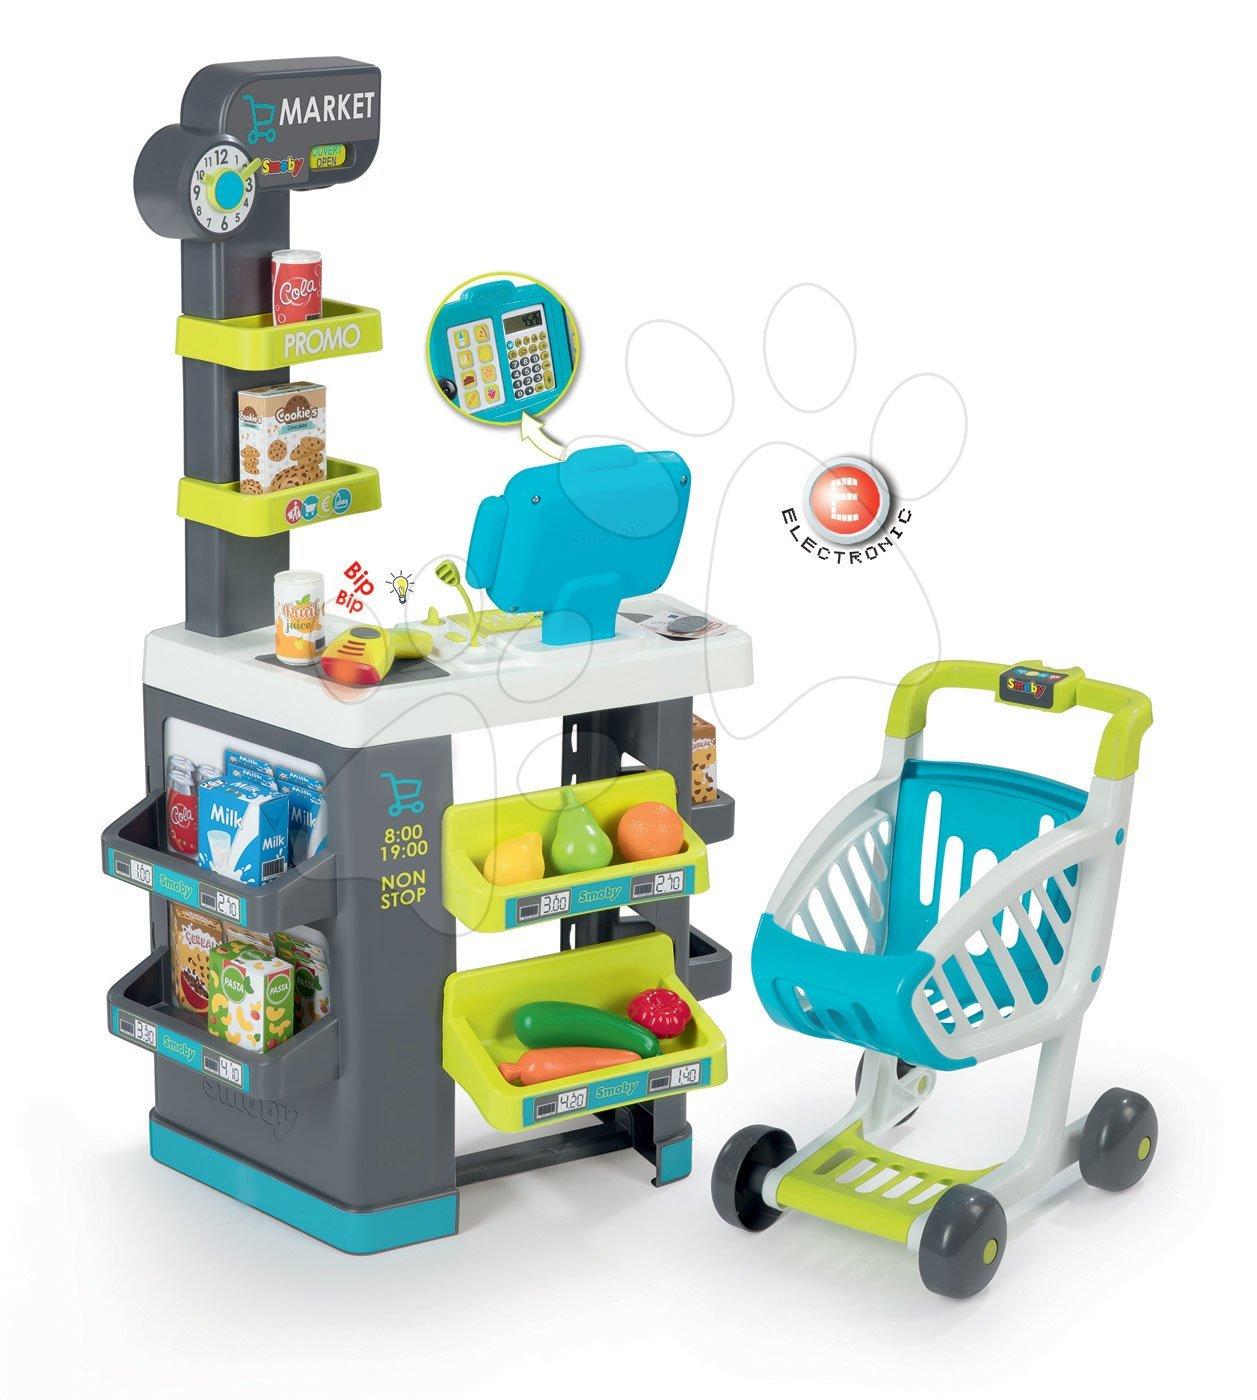 Obchody pre deti - Obchod s potravinami Market Smoby tyrkysový s elektronickou pokladňou, skenerom a 34 doplnkov